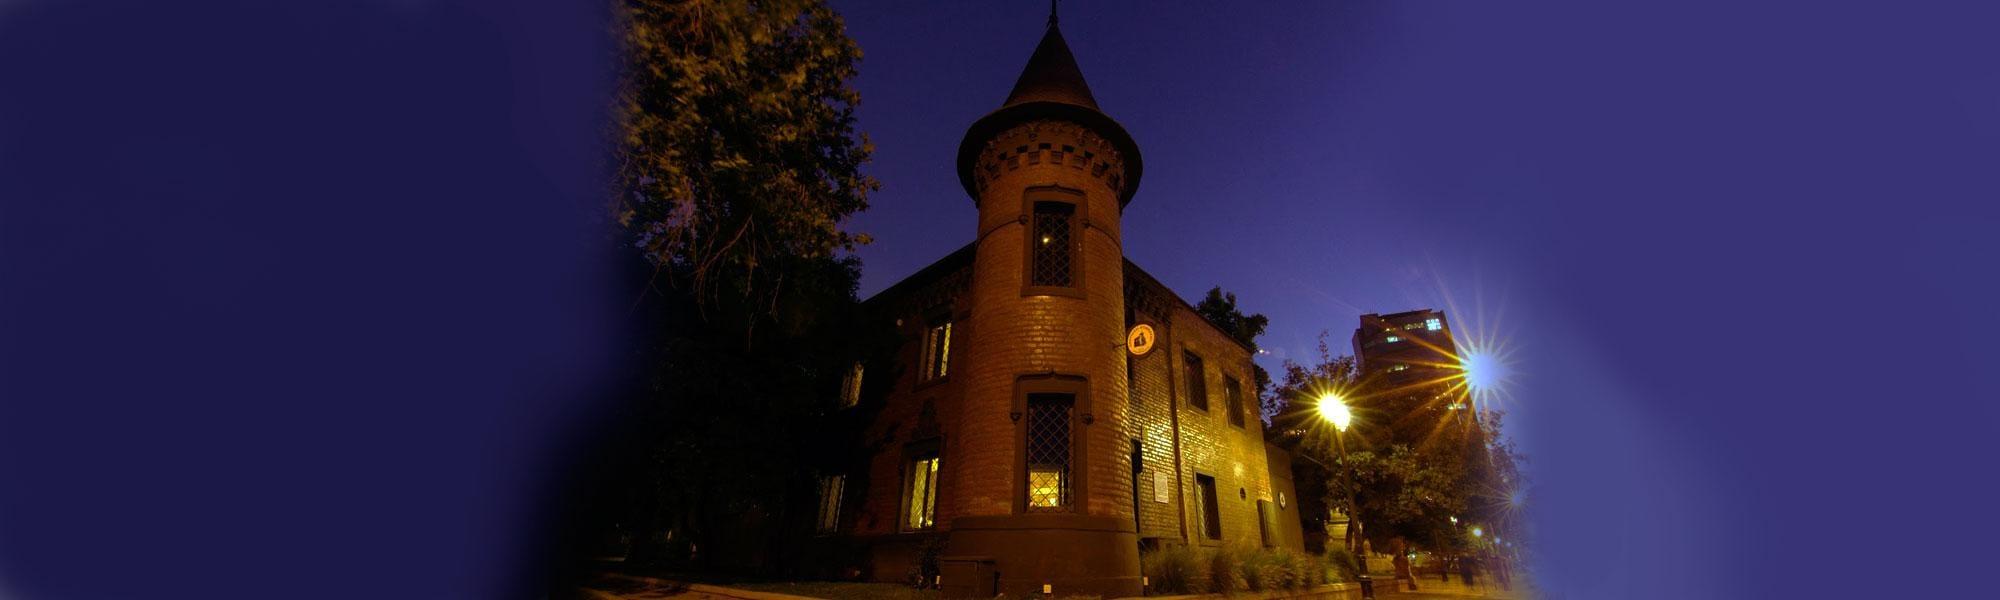 Castillo Forestal, Santiago